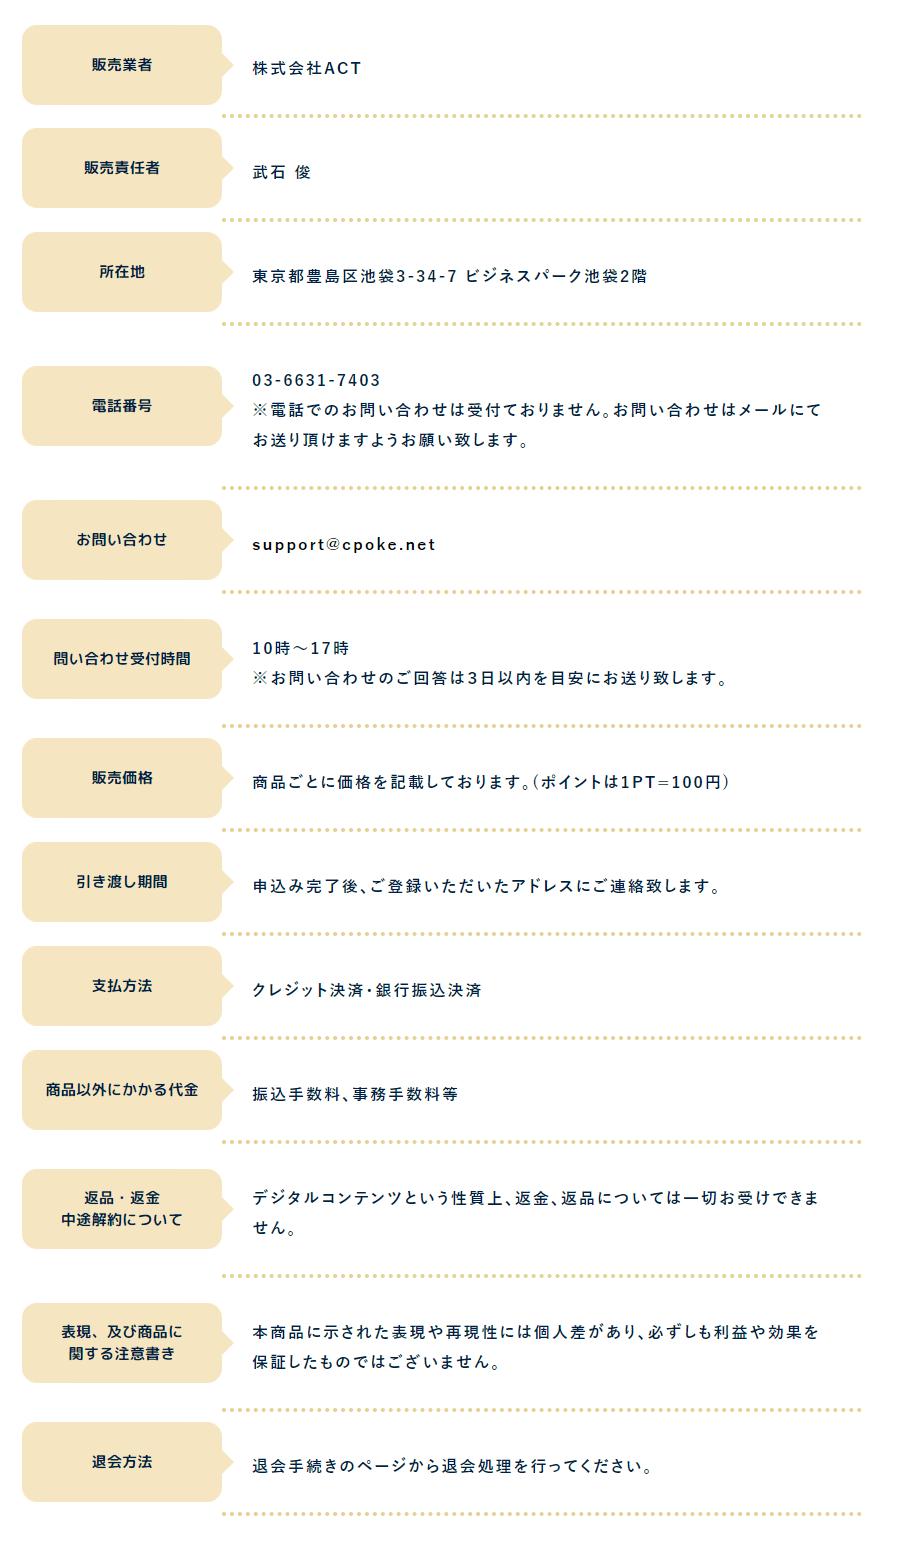 チャリポケ_運営情報